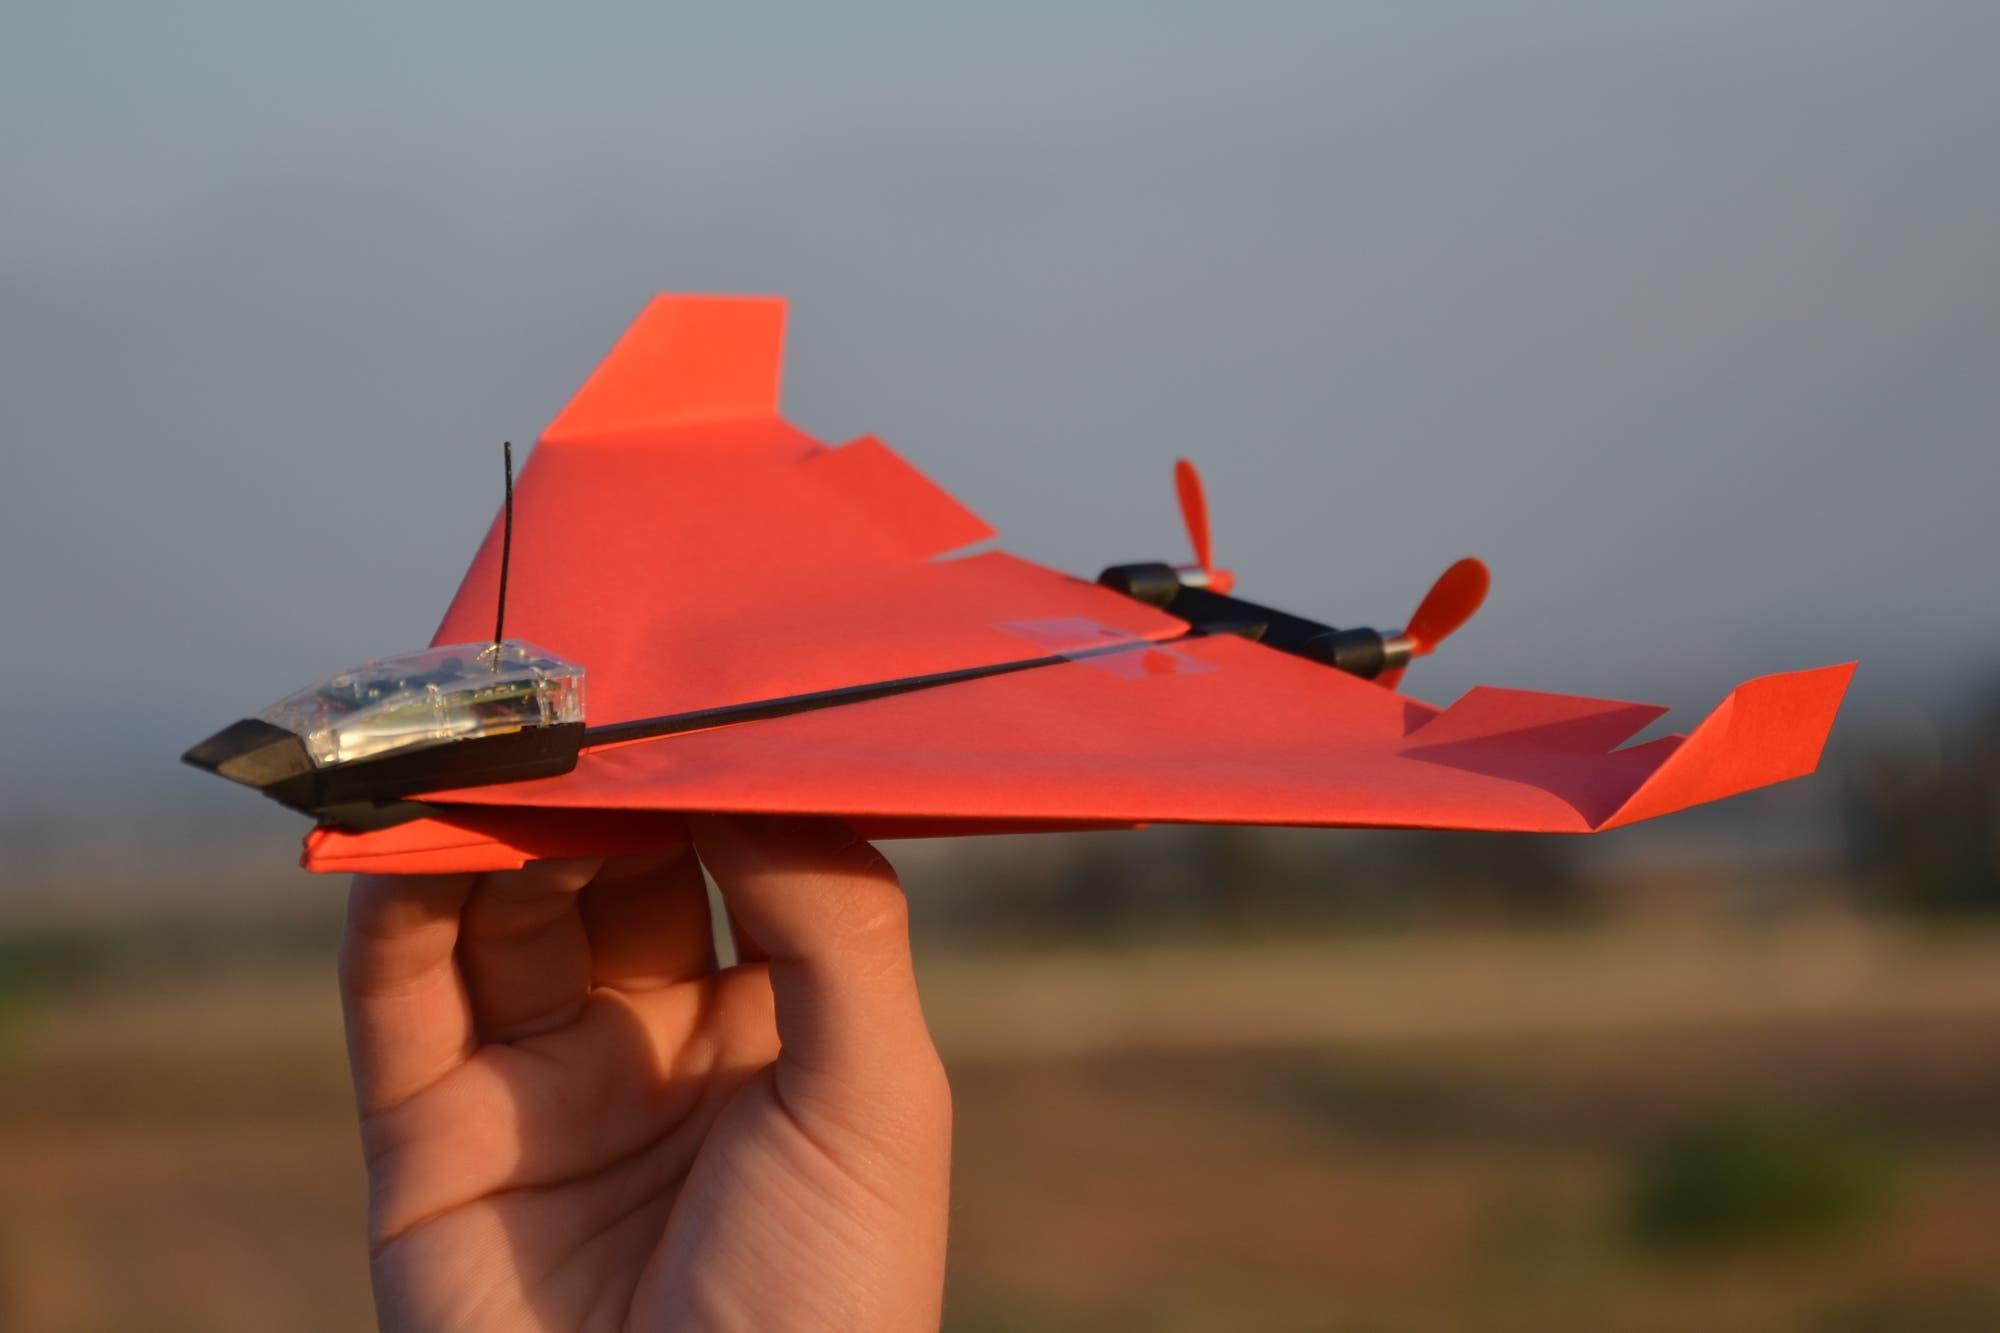 PowerUp 4.0, el avión de papel a motor que se maneja con el celular tiene nueva versión